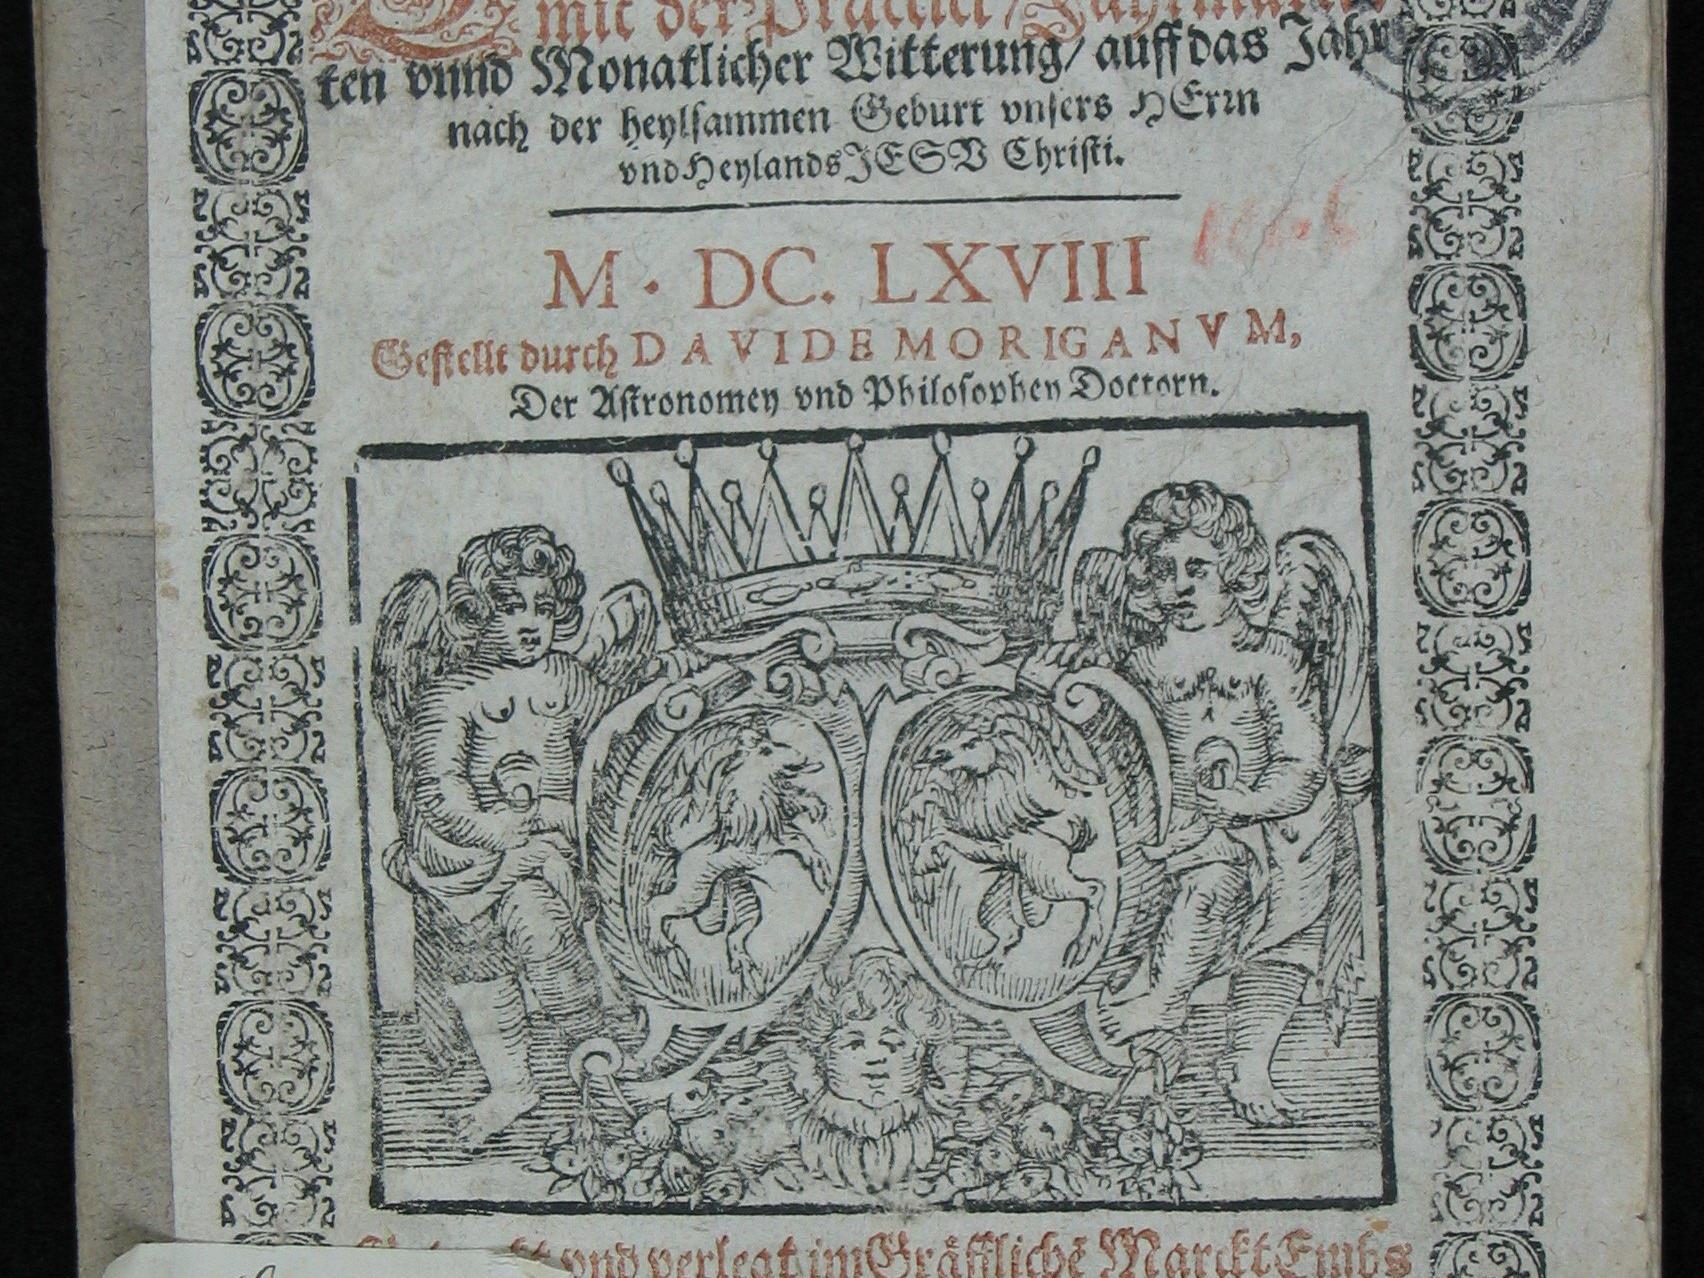 Das älteste bekannte Exemplar des Hohenemser Schreibkalenders, von Bartholomäus Schnell, dem Jüngeren, 1668 gedruckt.